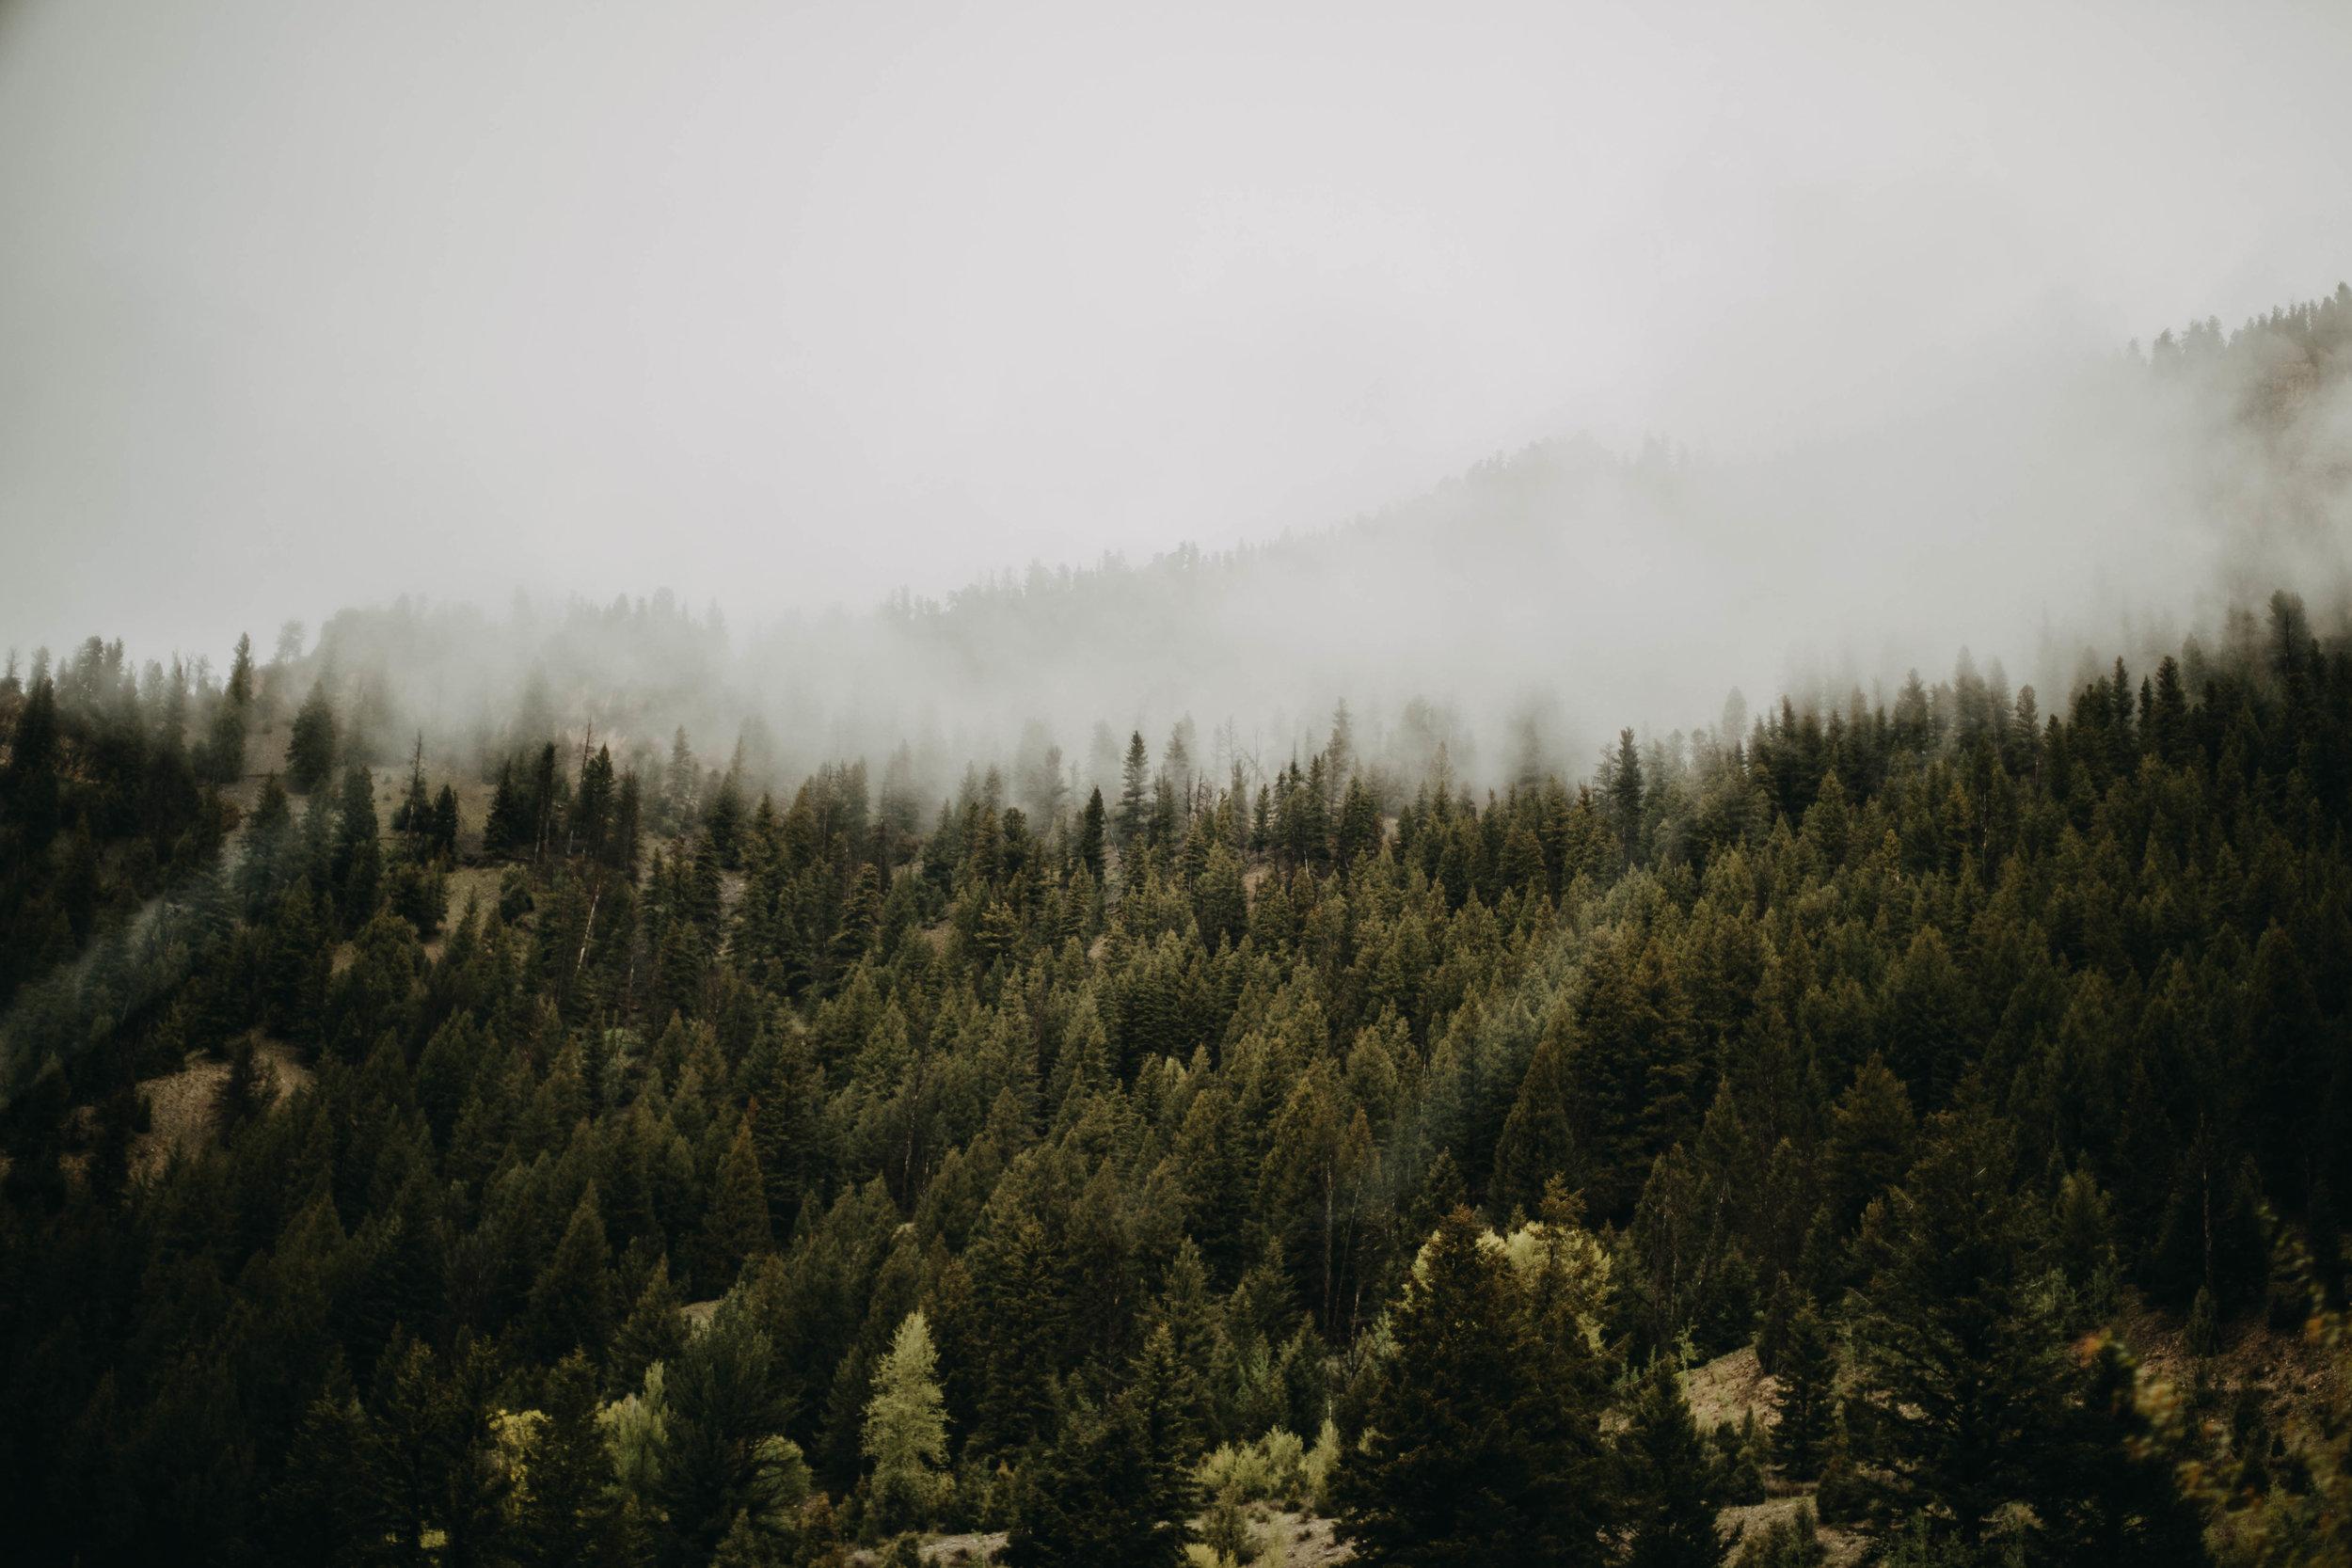 9. Colorado Forest & Fog